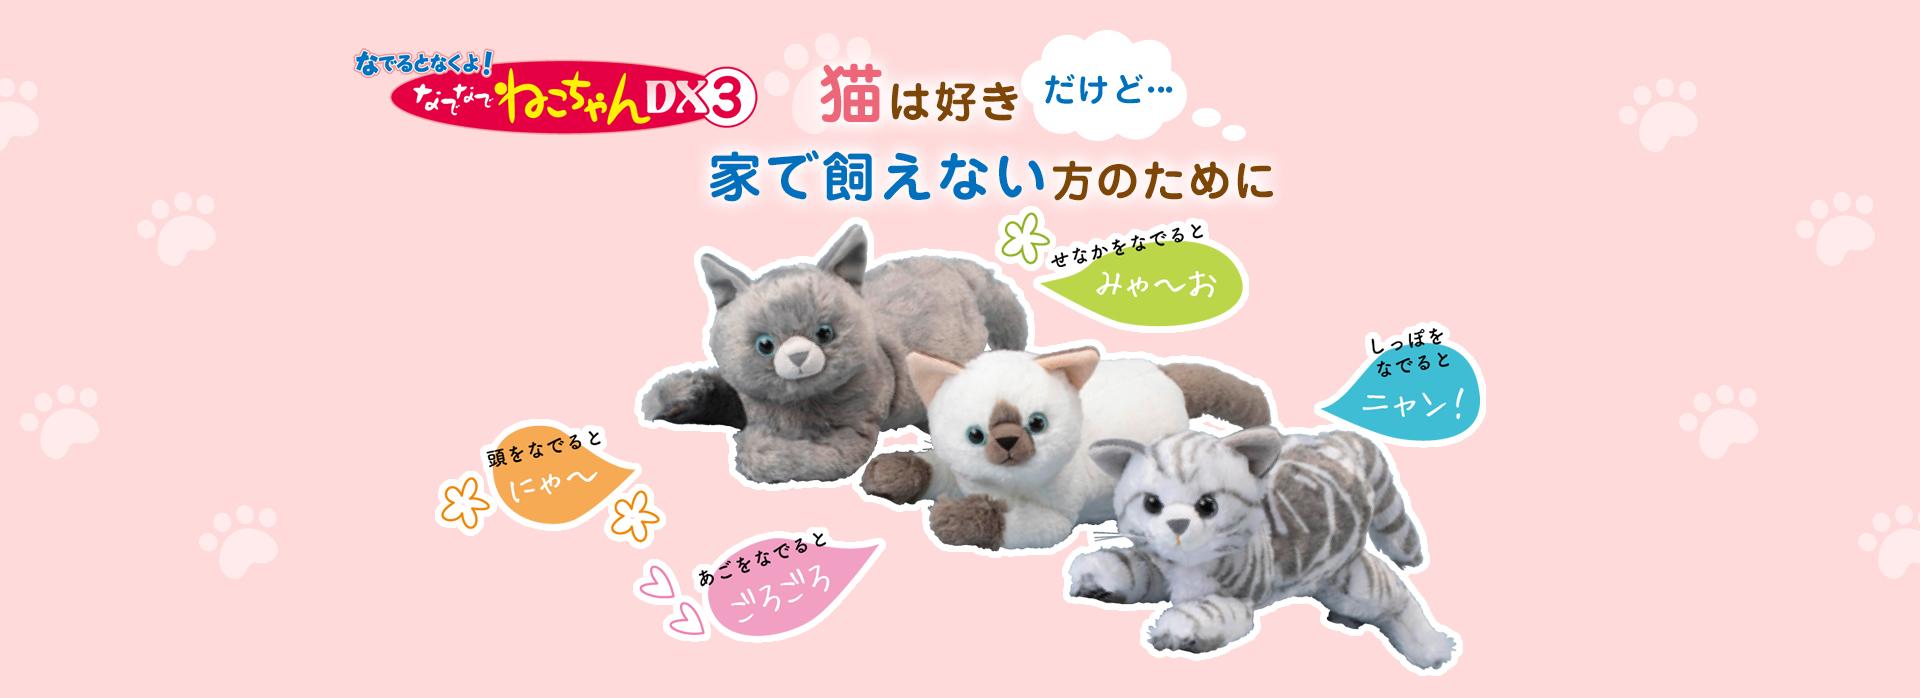 猫は好きだけど・・・家で飼えない方のために なでなでねこちゃんDX2